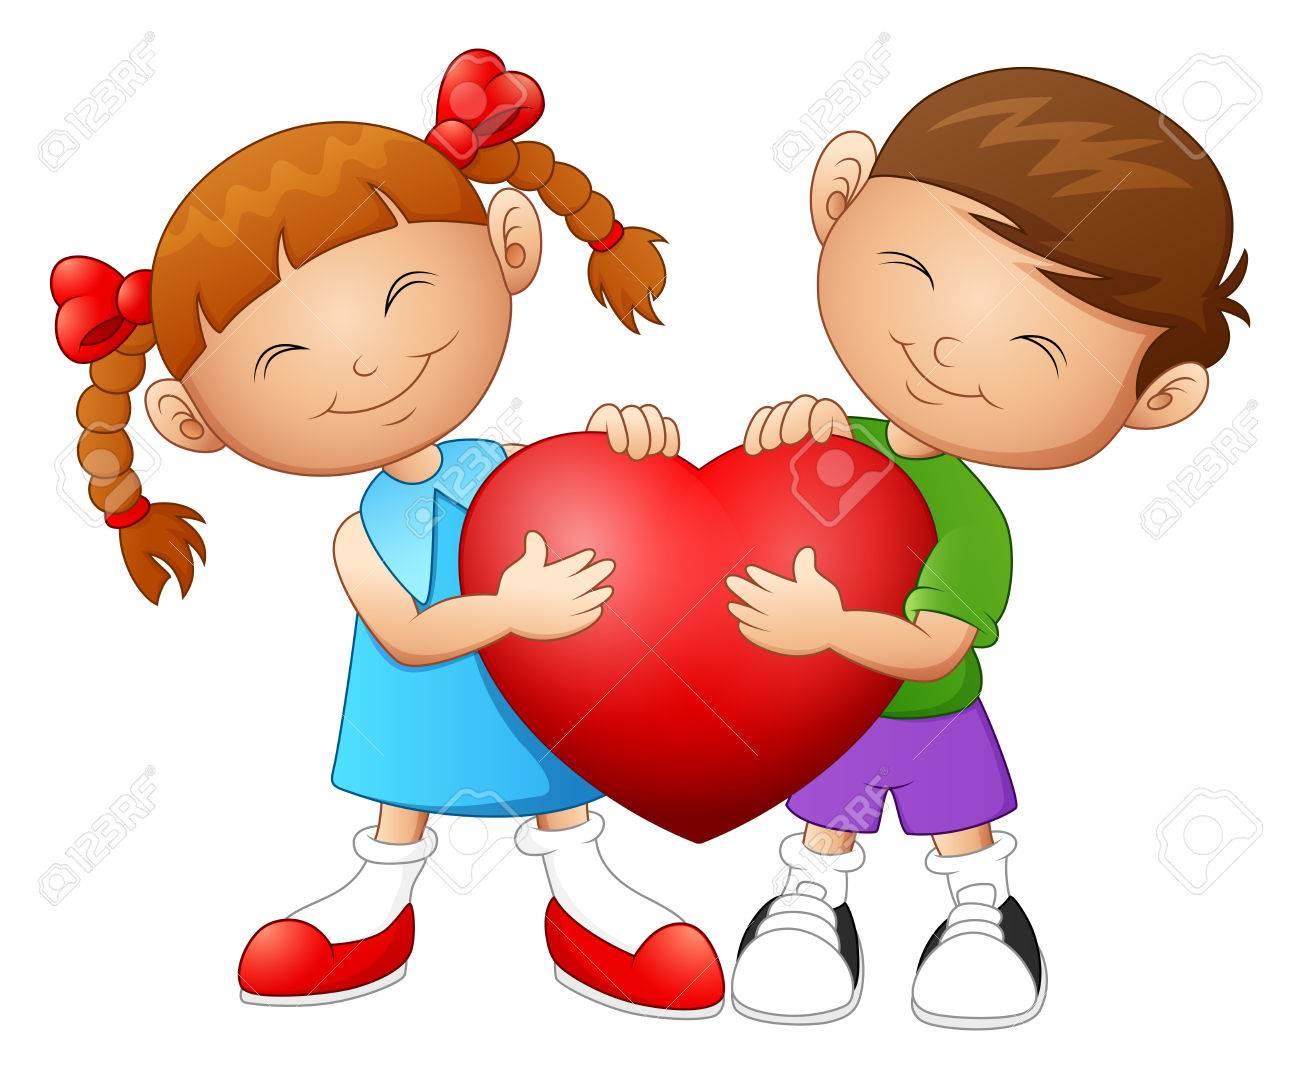 Imagenes y videos de animacion de amor imagenes animados for Imagenes de animacion